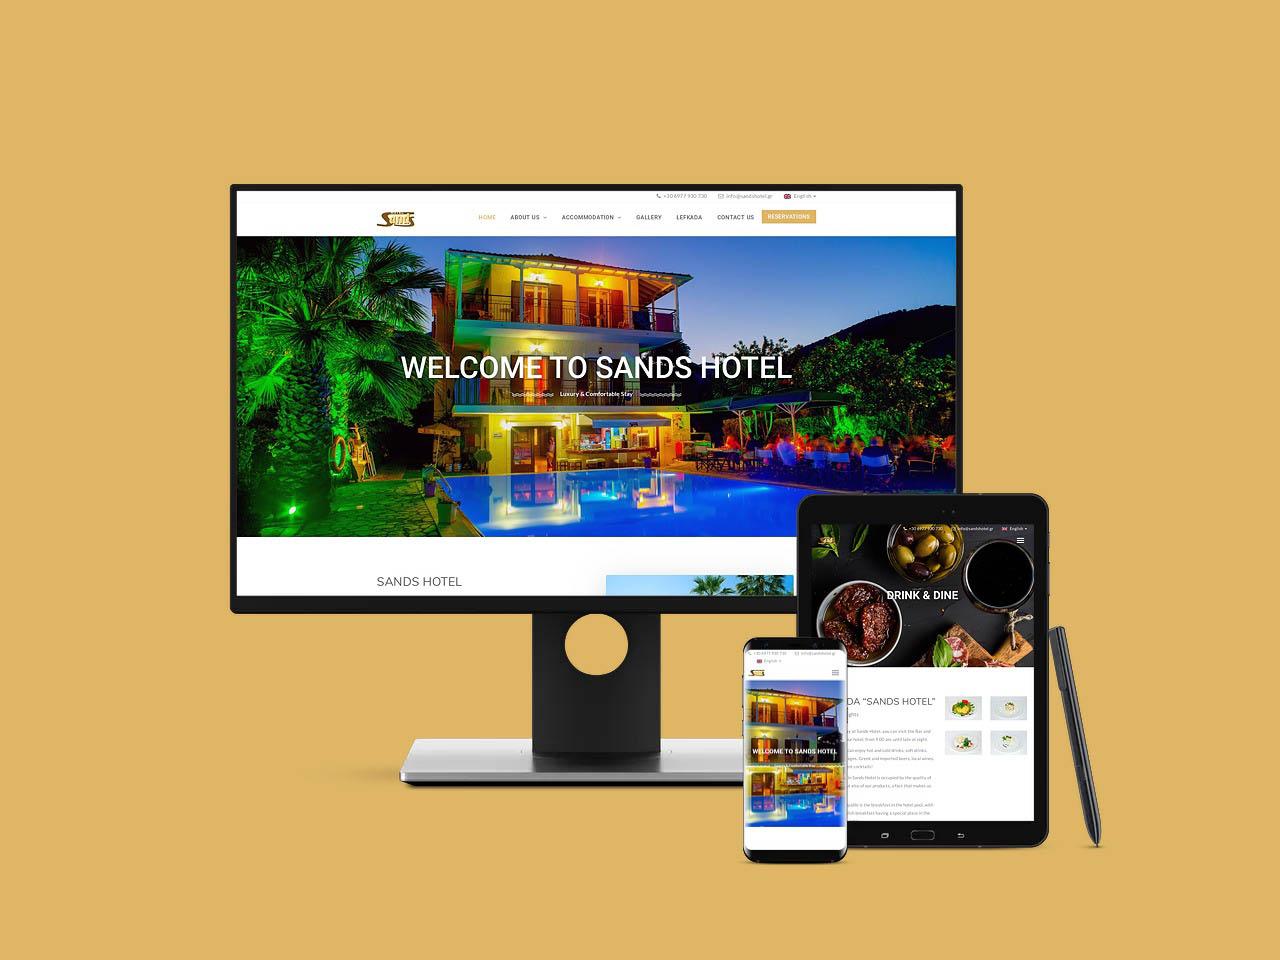 Λευκάδα Νυδρί Ξενοδοχείο Sands Hotel